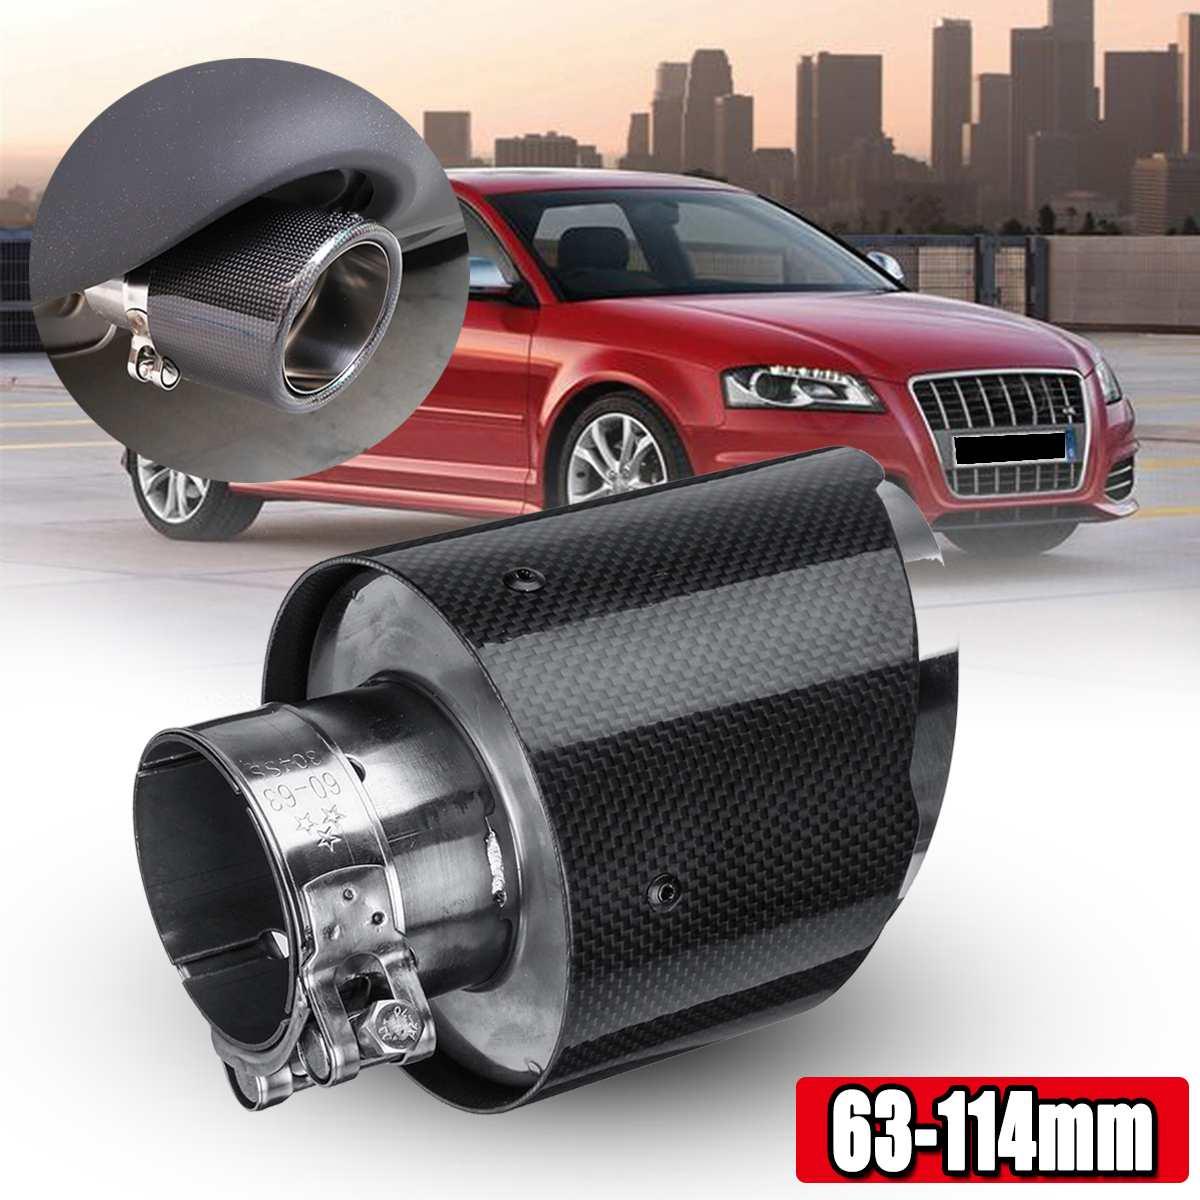 Выхлопные трубы из углеродного волокна 63 мм на входе/114 мм на выходе универсальный автомобильный выхлопной трубы углерода Siber и нержавеющая